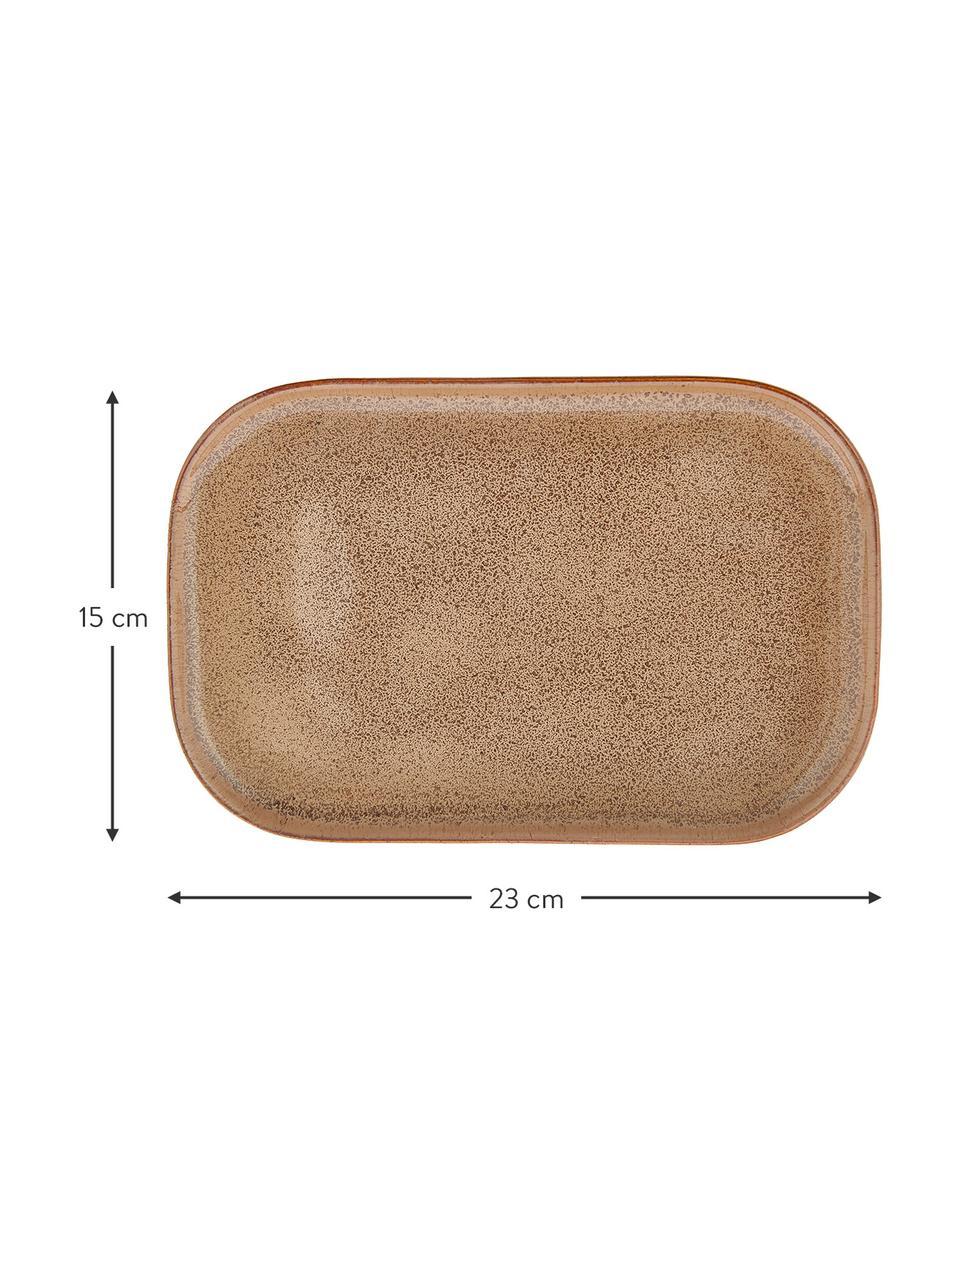 Handgemachte Steingut-Servierplatten Addison L 23 x B 15 cm, 3er-Set, Steingut, Beige, Weiß, 15 x 23 cm